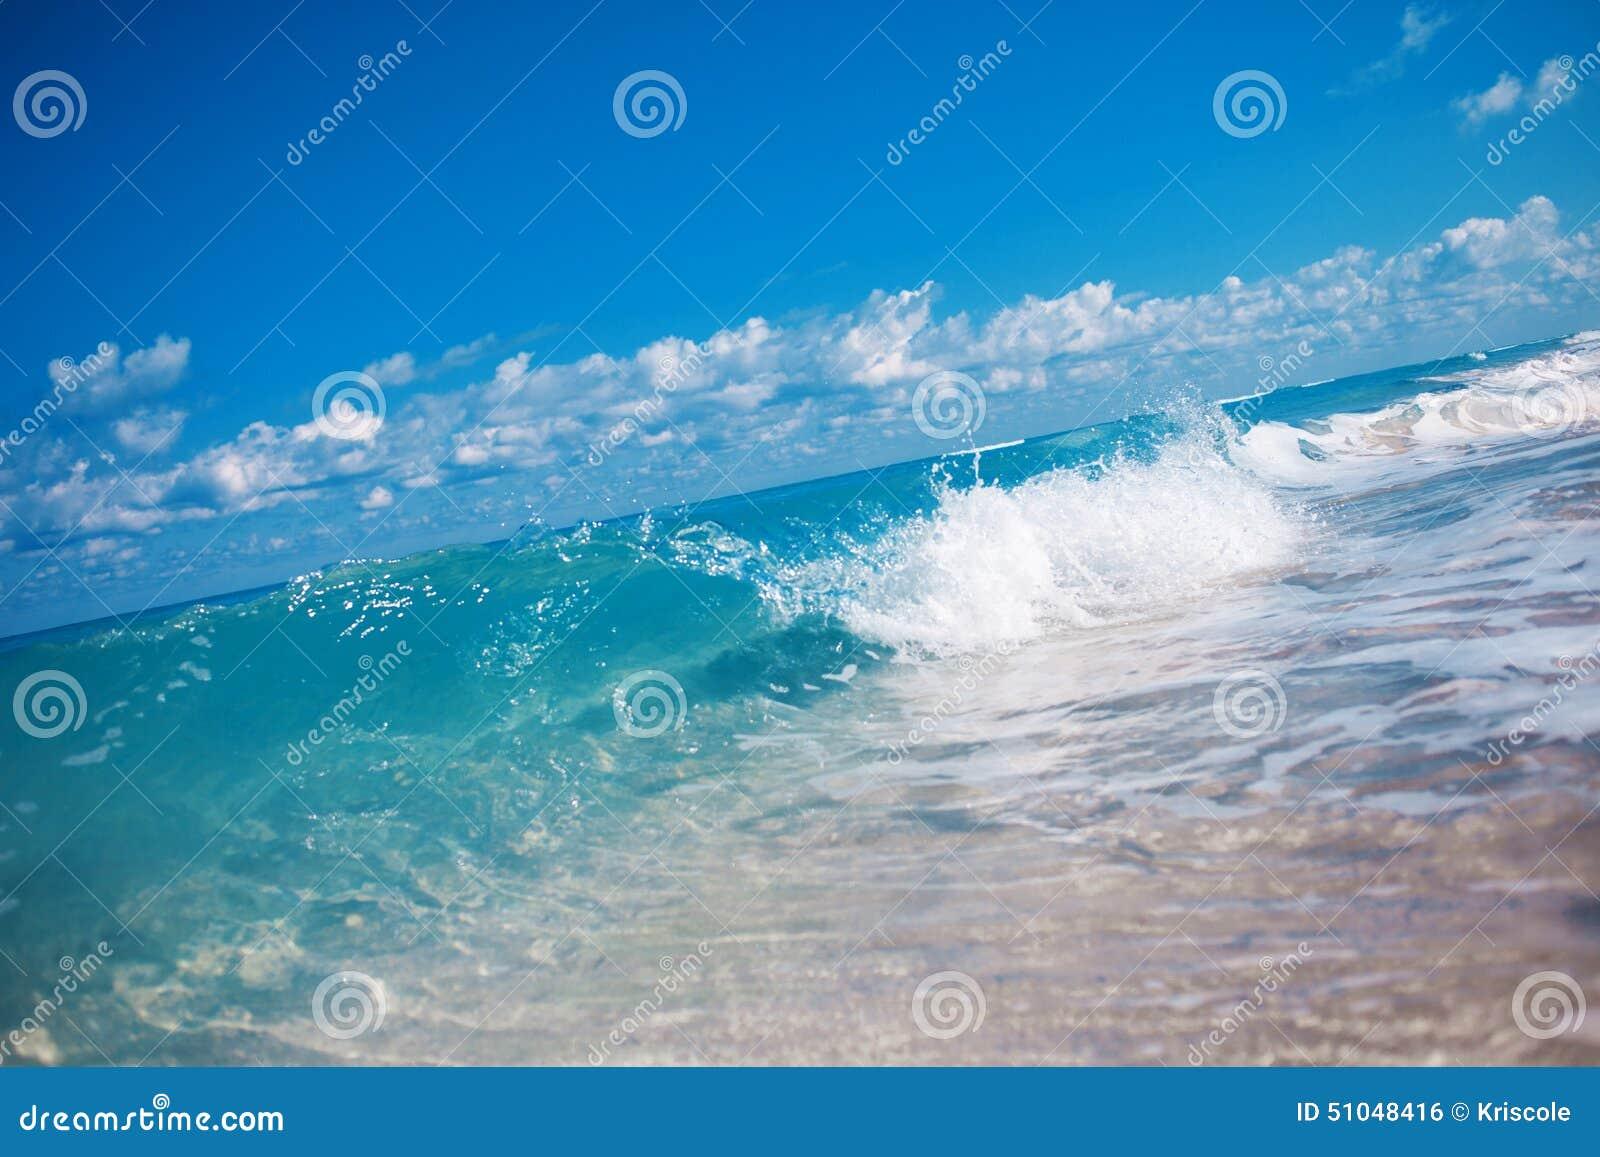 Sexe Plage - De belles plages, du soleil et des couples